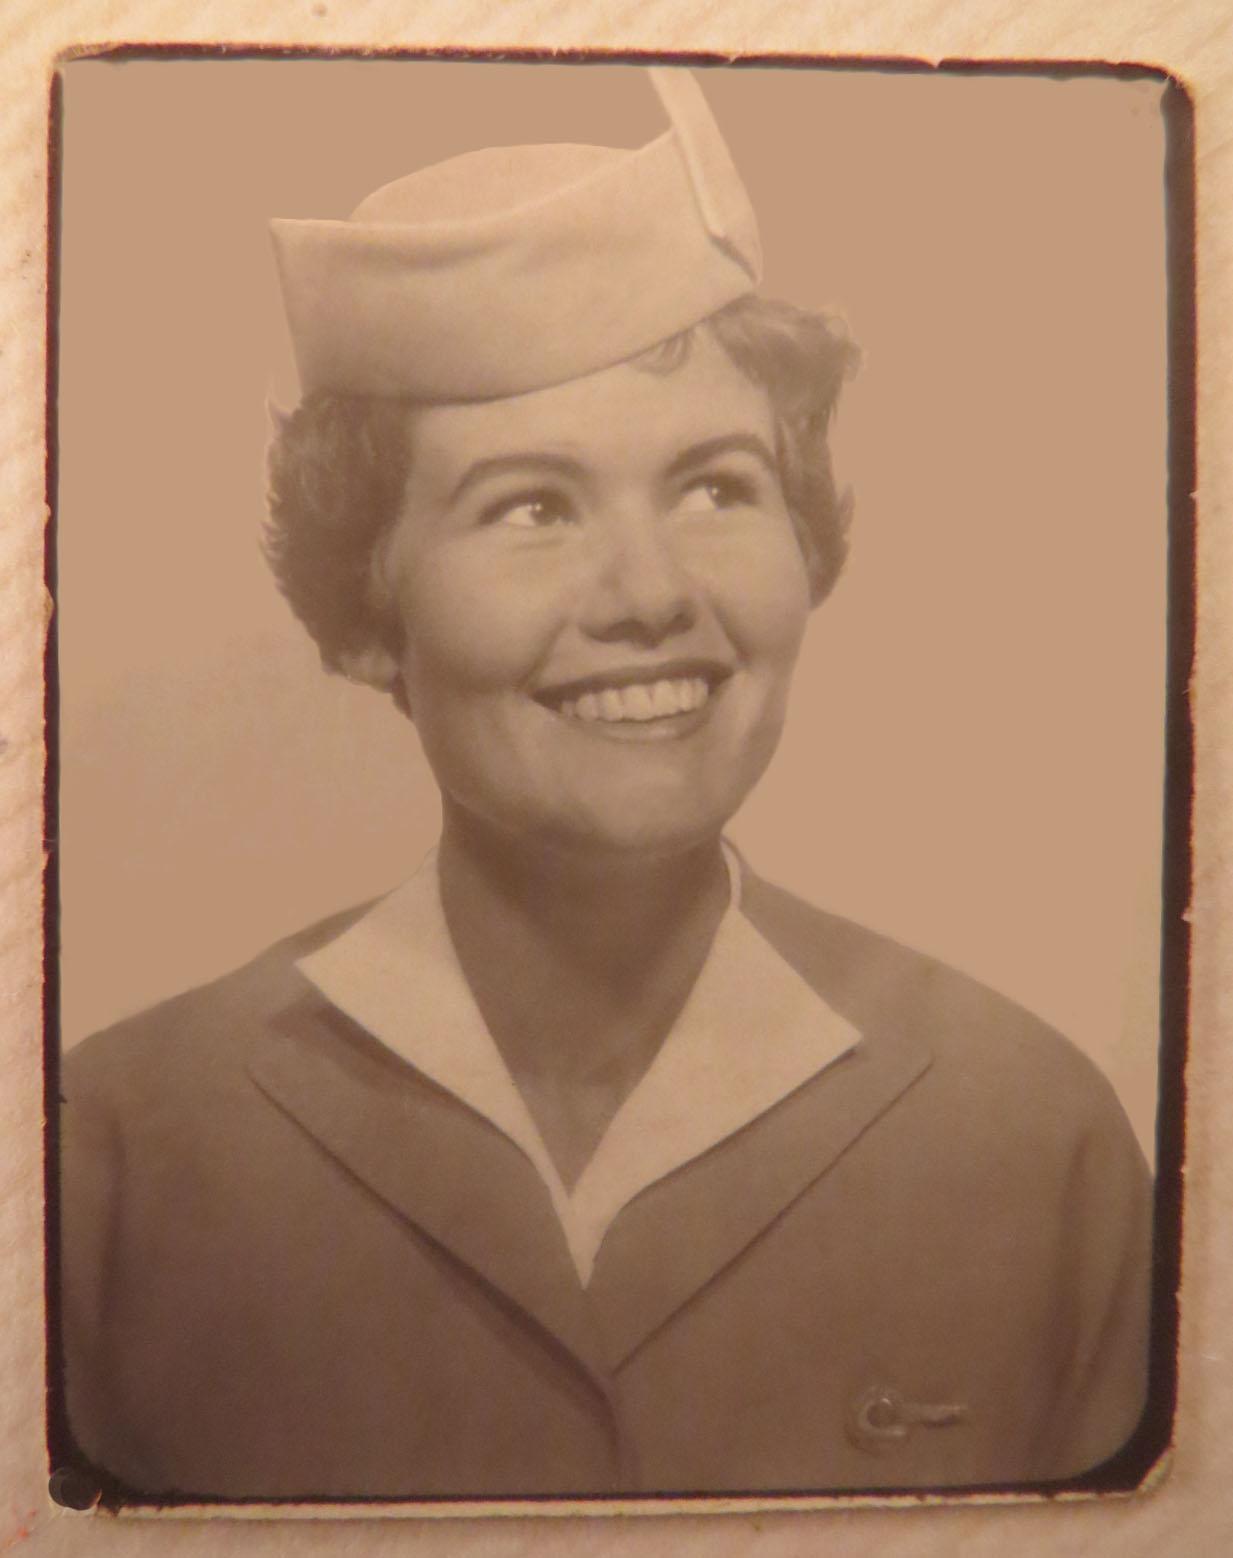 Sylvia Lauterborn (Courtesy of Bob Lauterborn)